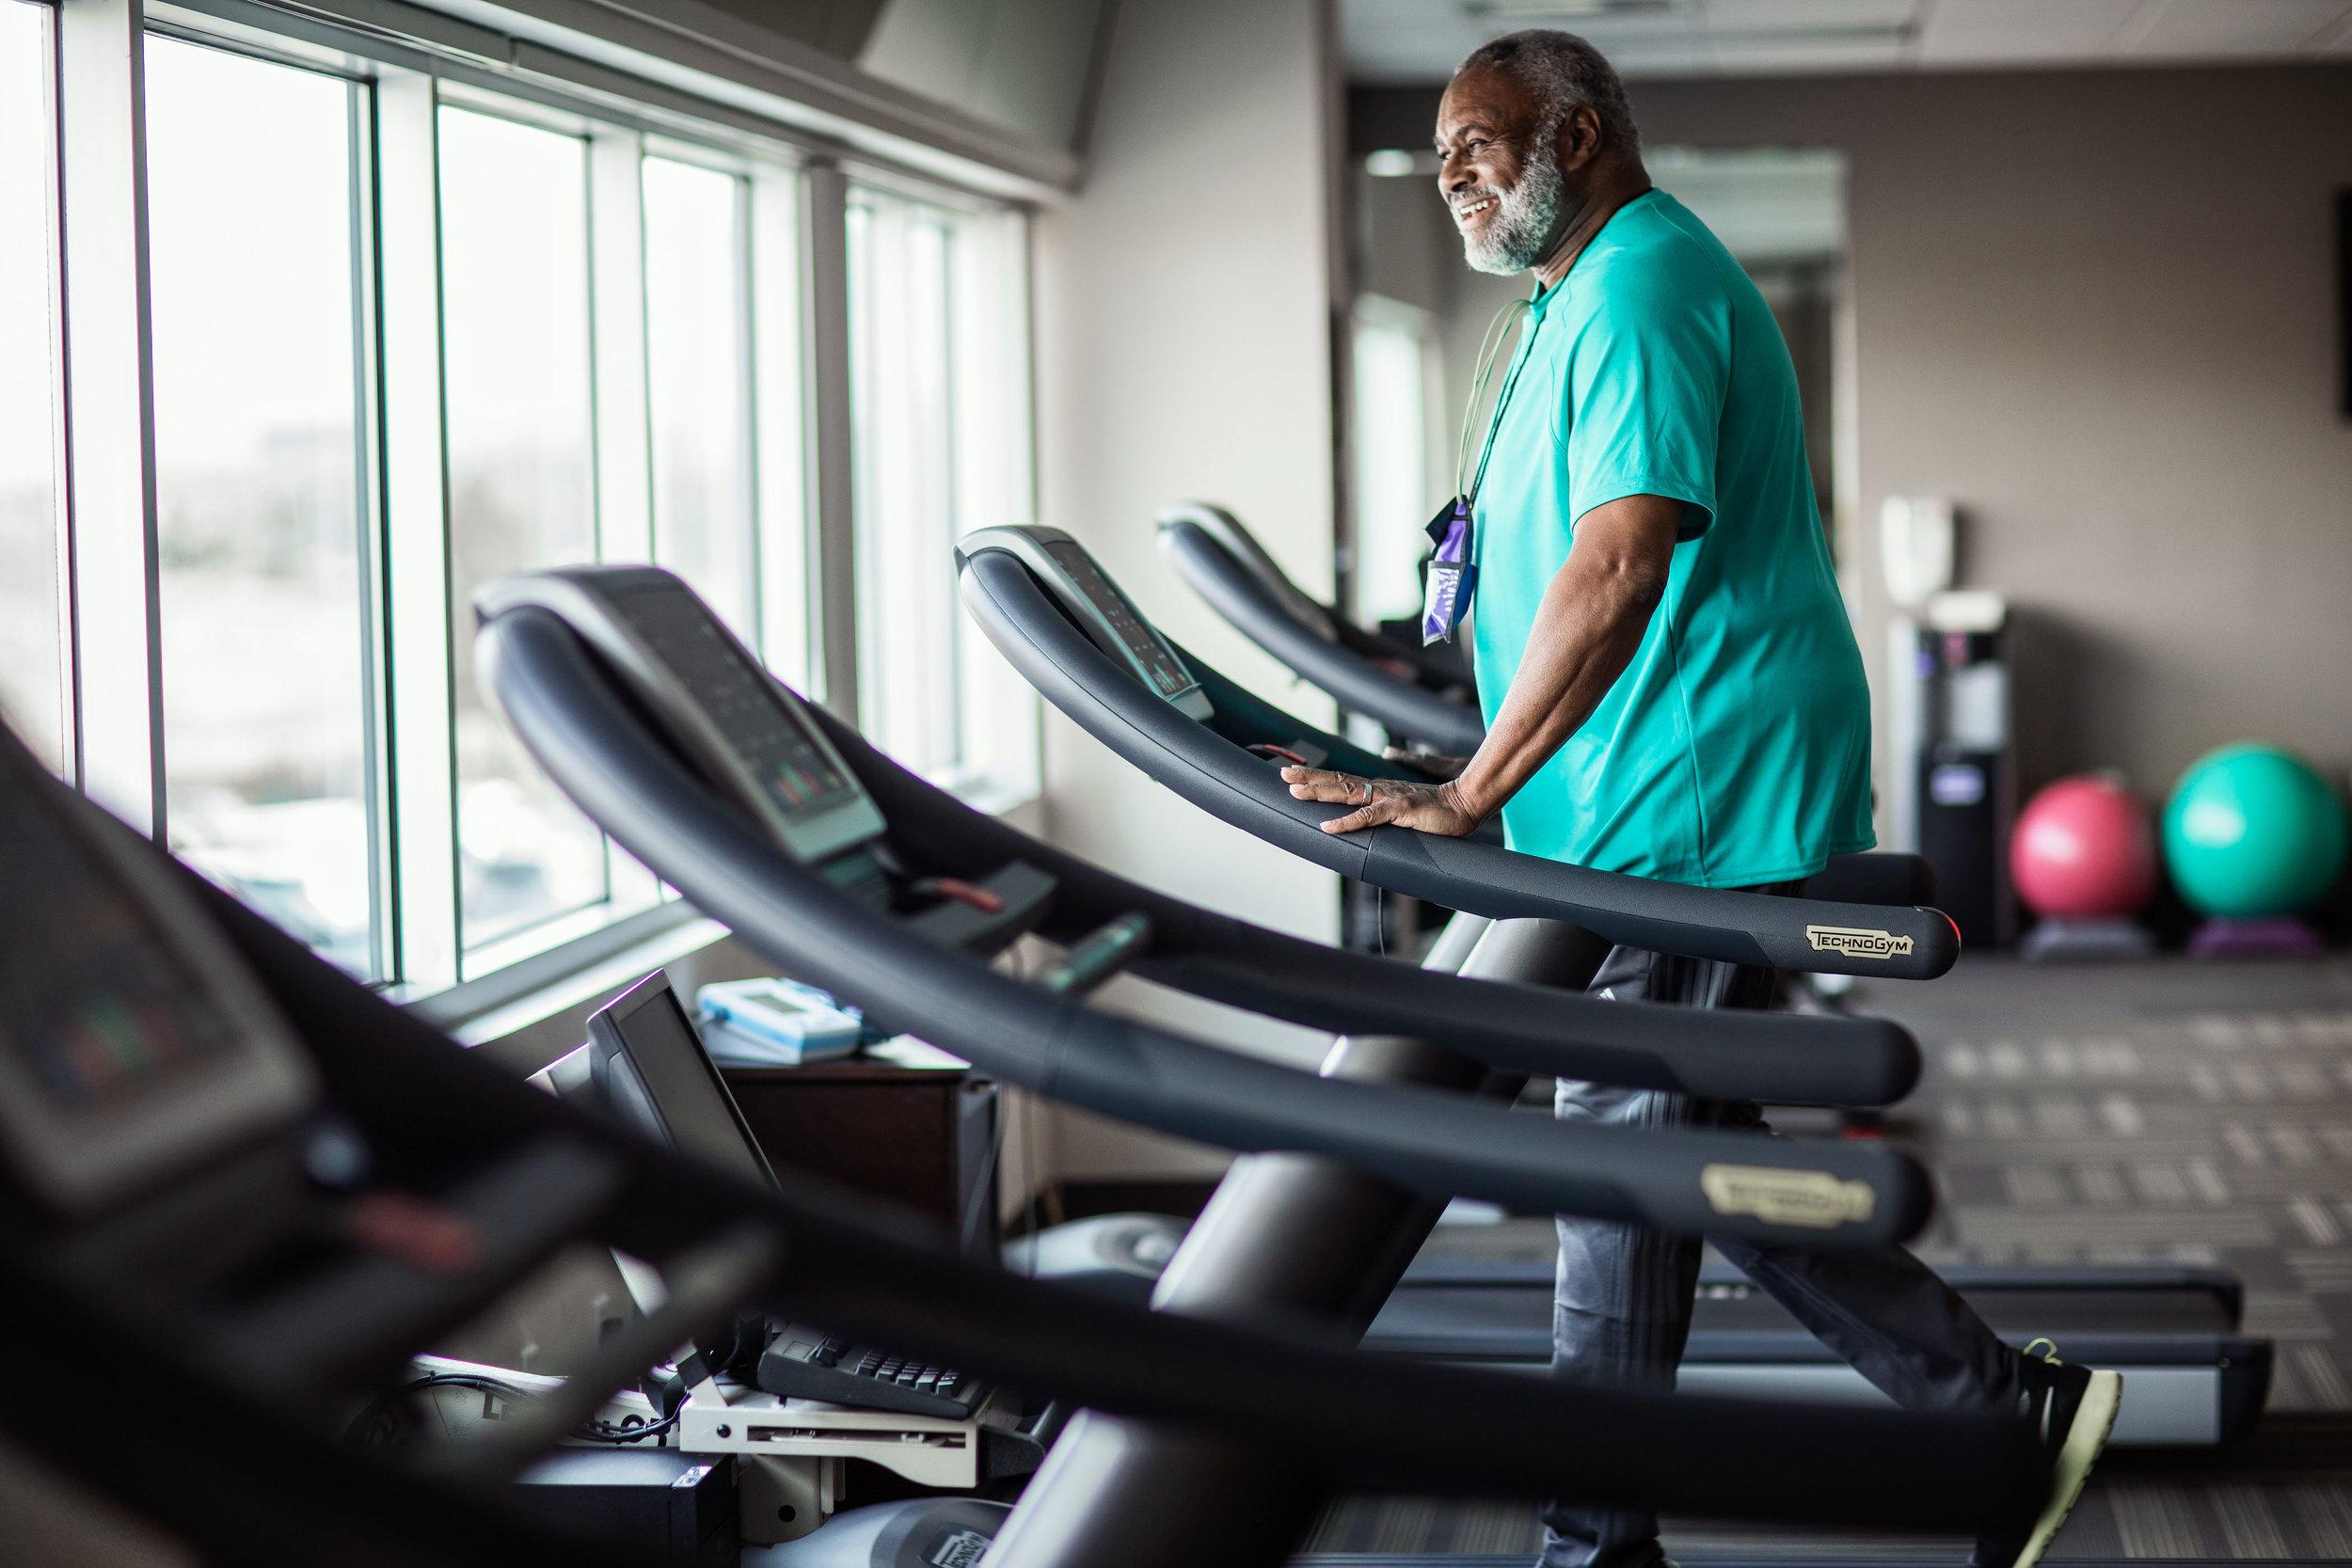 3089RH_Heart2_Treadmill5040.JPG